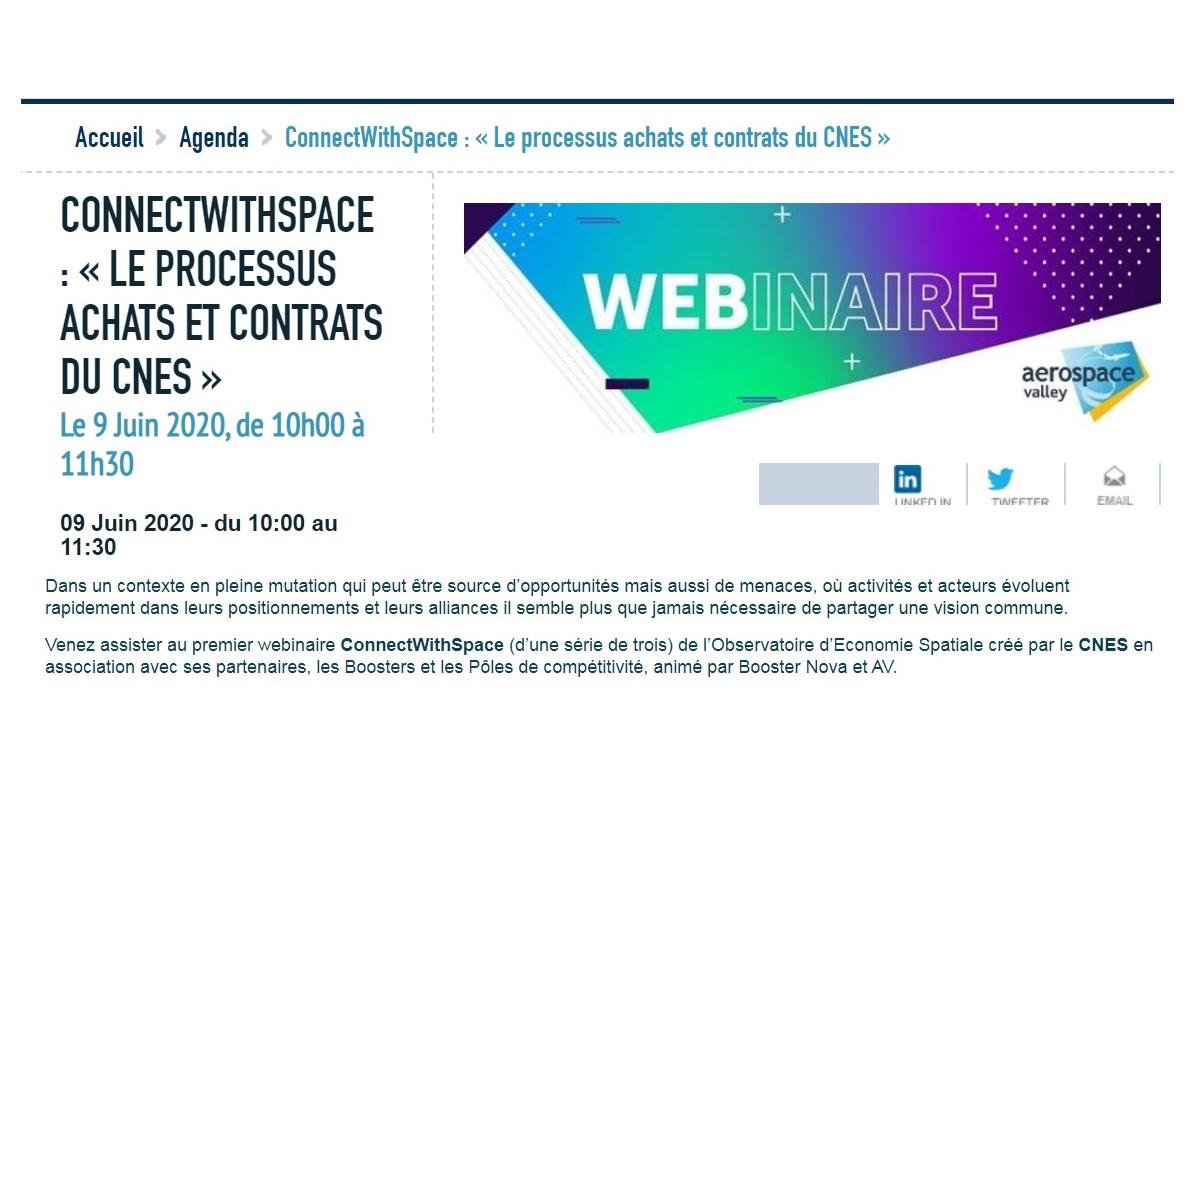 ConnectWithSpace : « LE PROCESSUS ACHATS ET CONTRATS DU CNES », webinaire le 9 Juin 2020, de 10h00 à 11h30